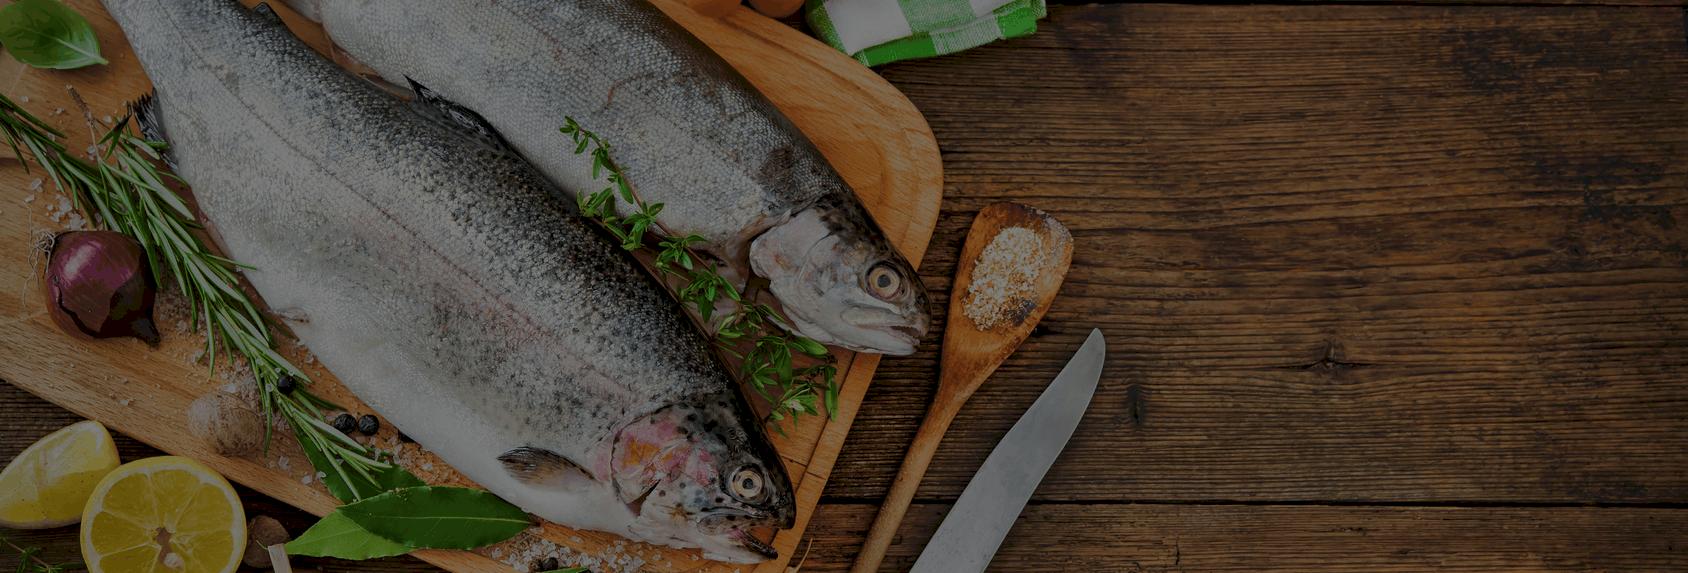 Ryby, dodatki